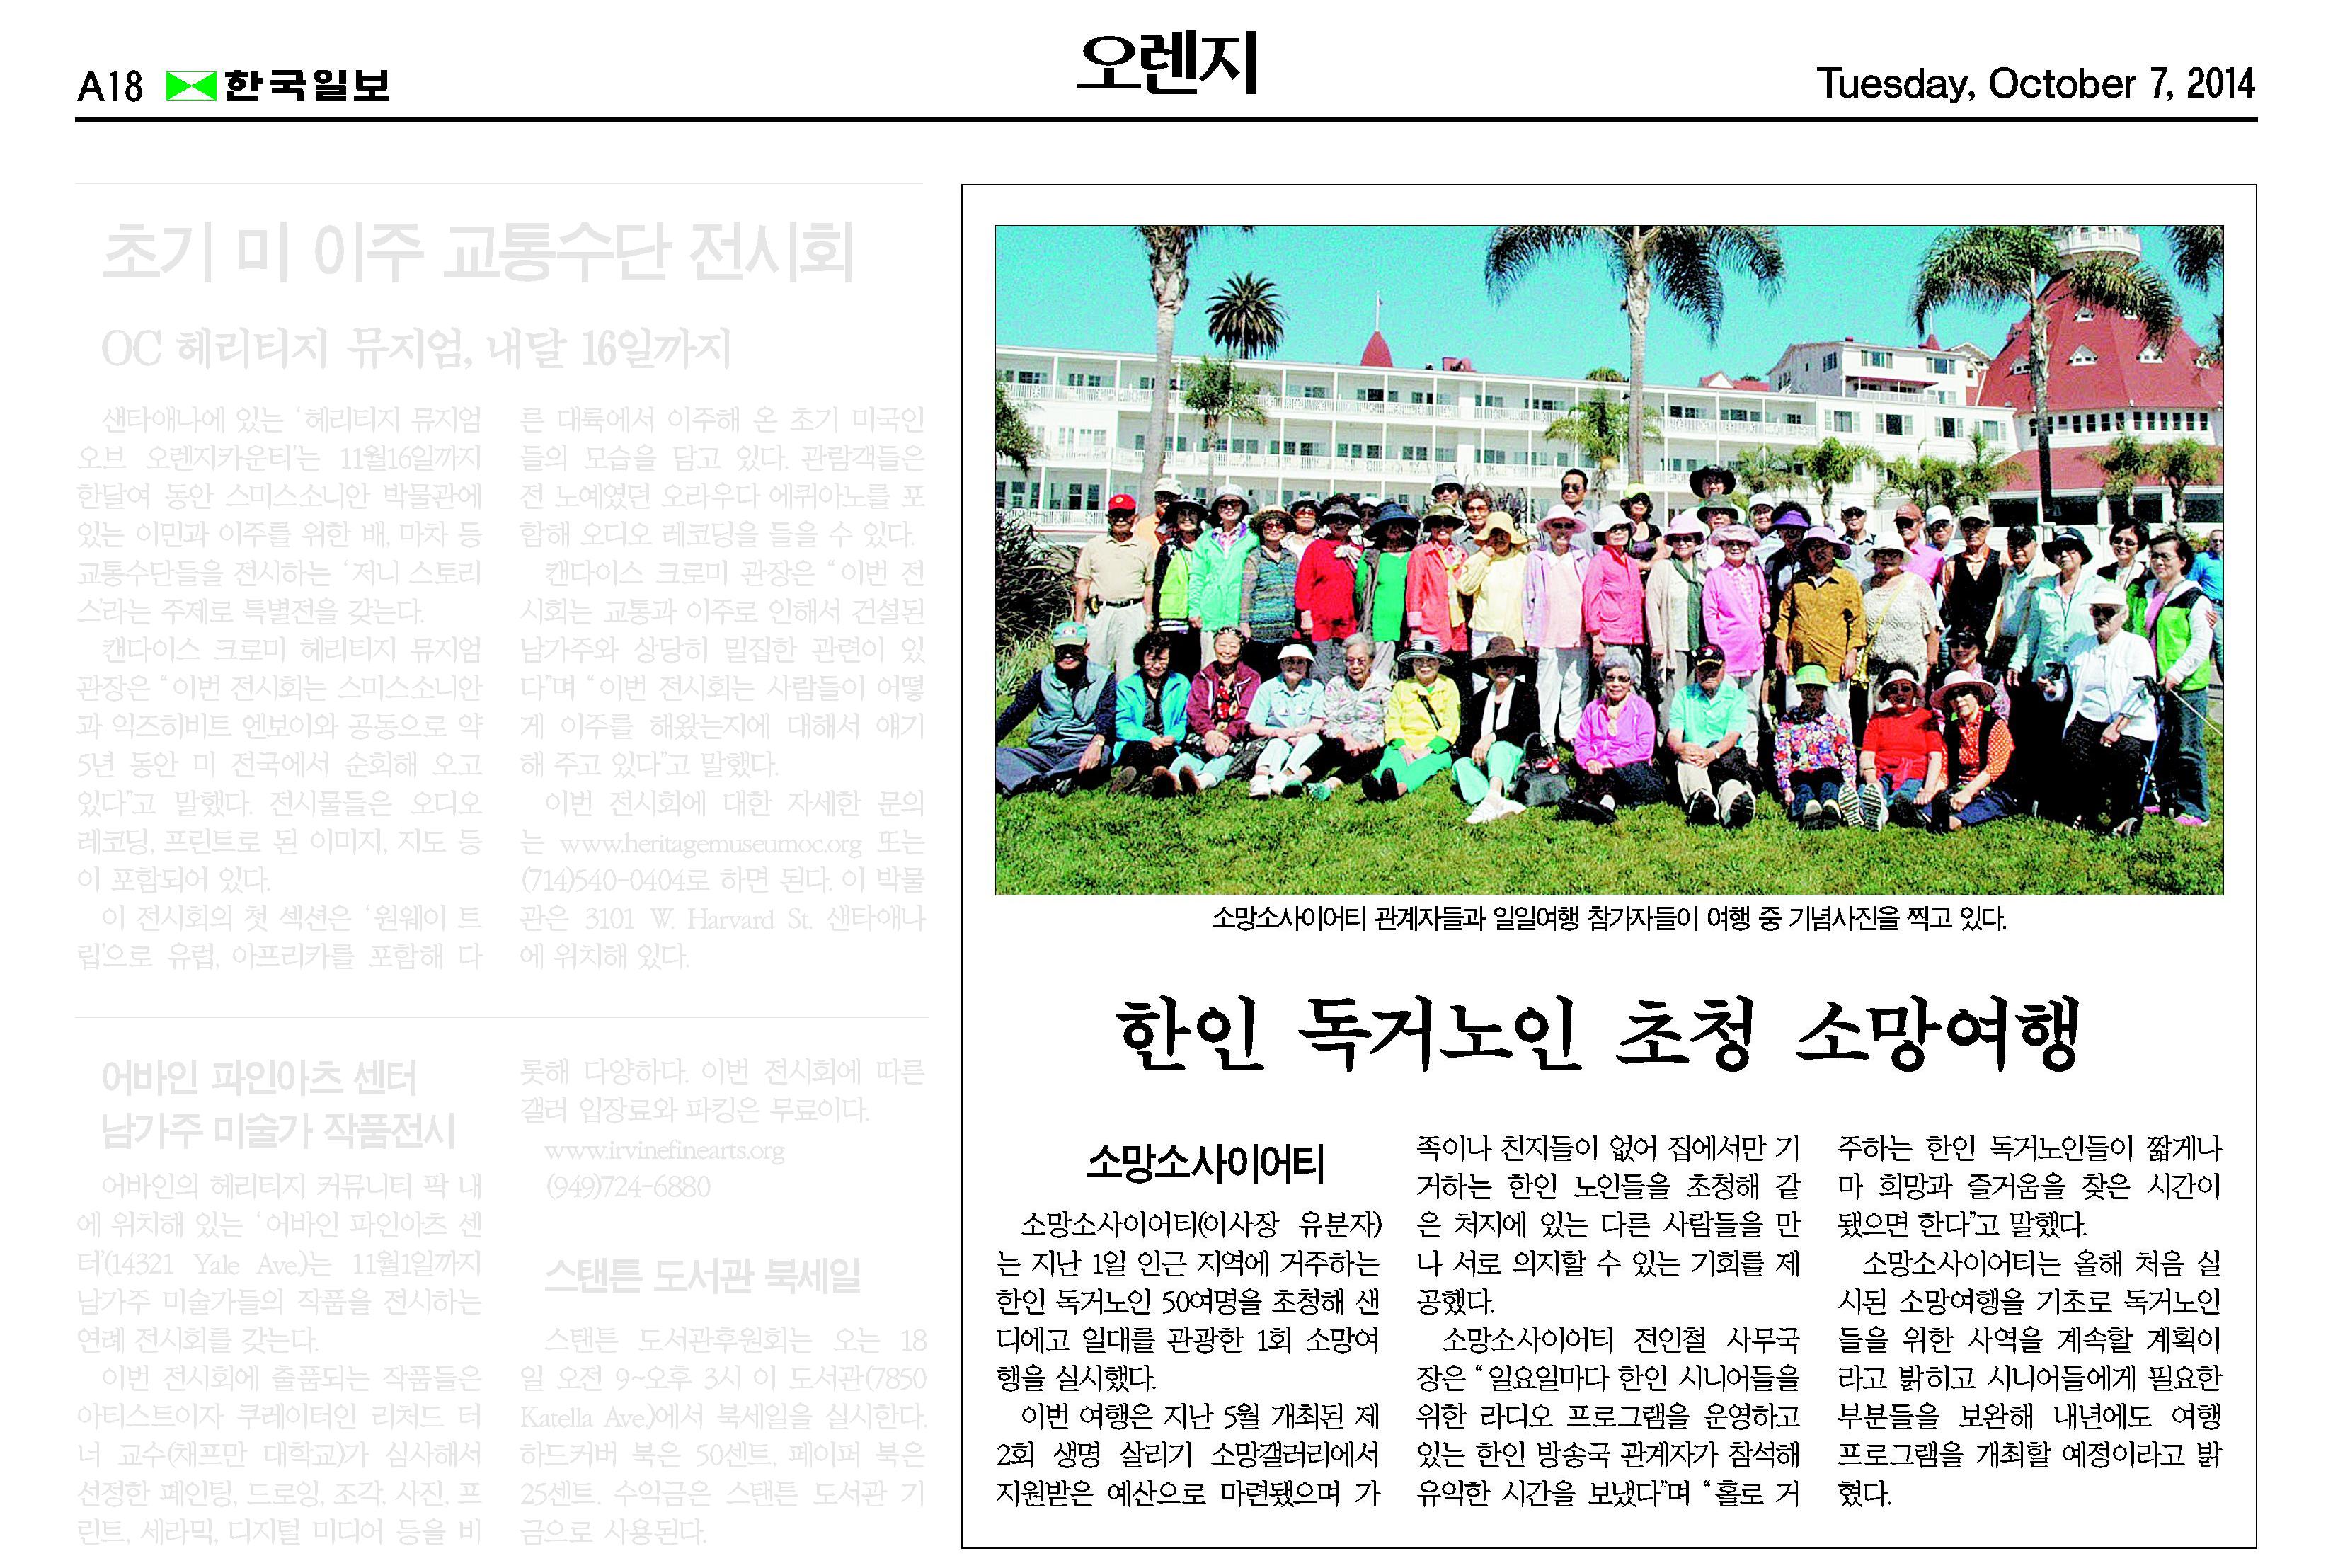 """""""한인 독거노인 초청 소망여행"""" 2014년 10월 7일  한국일보"""